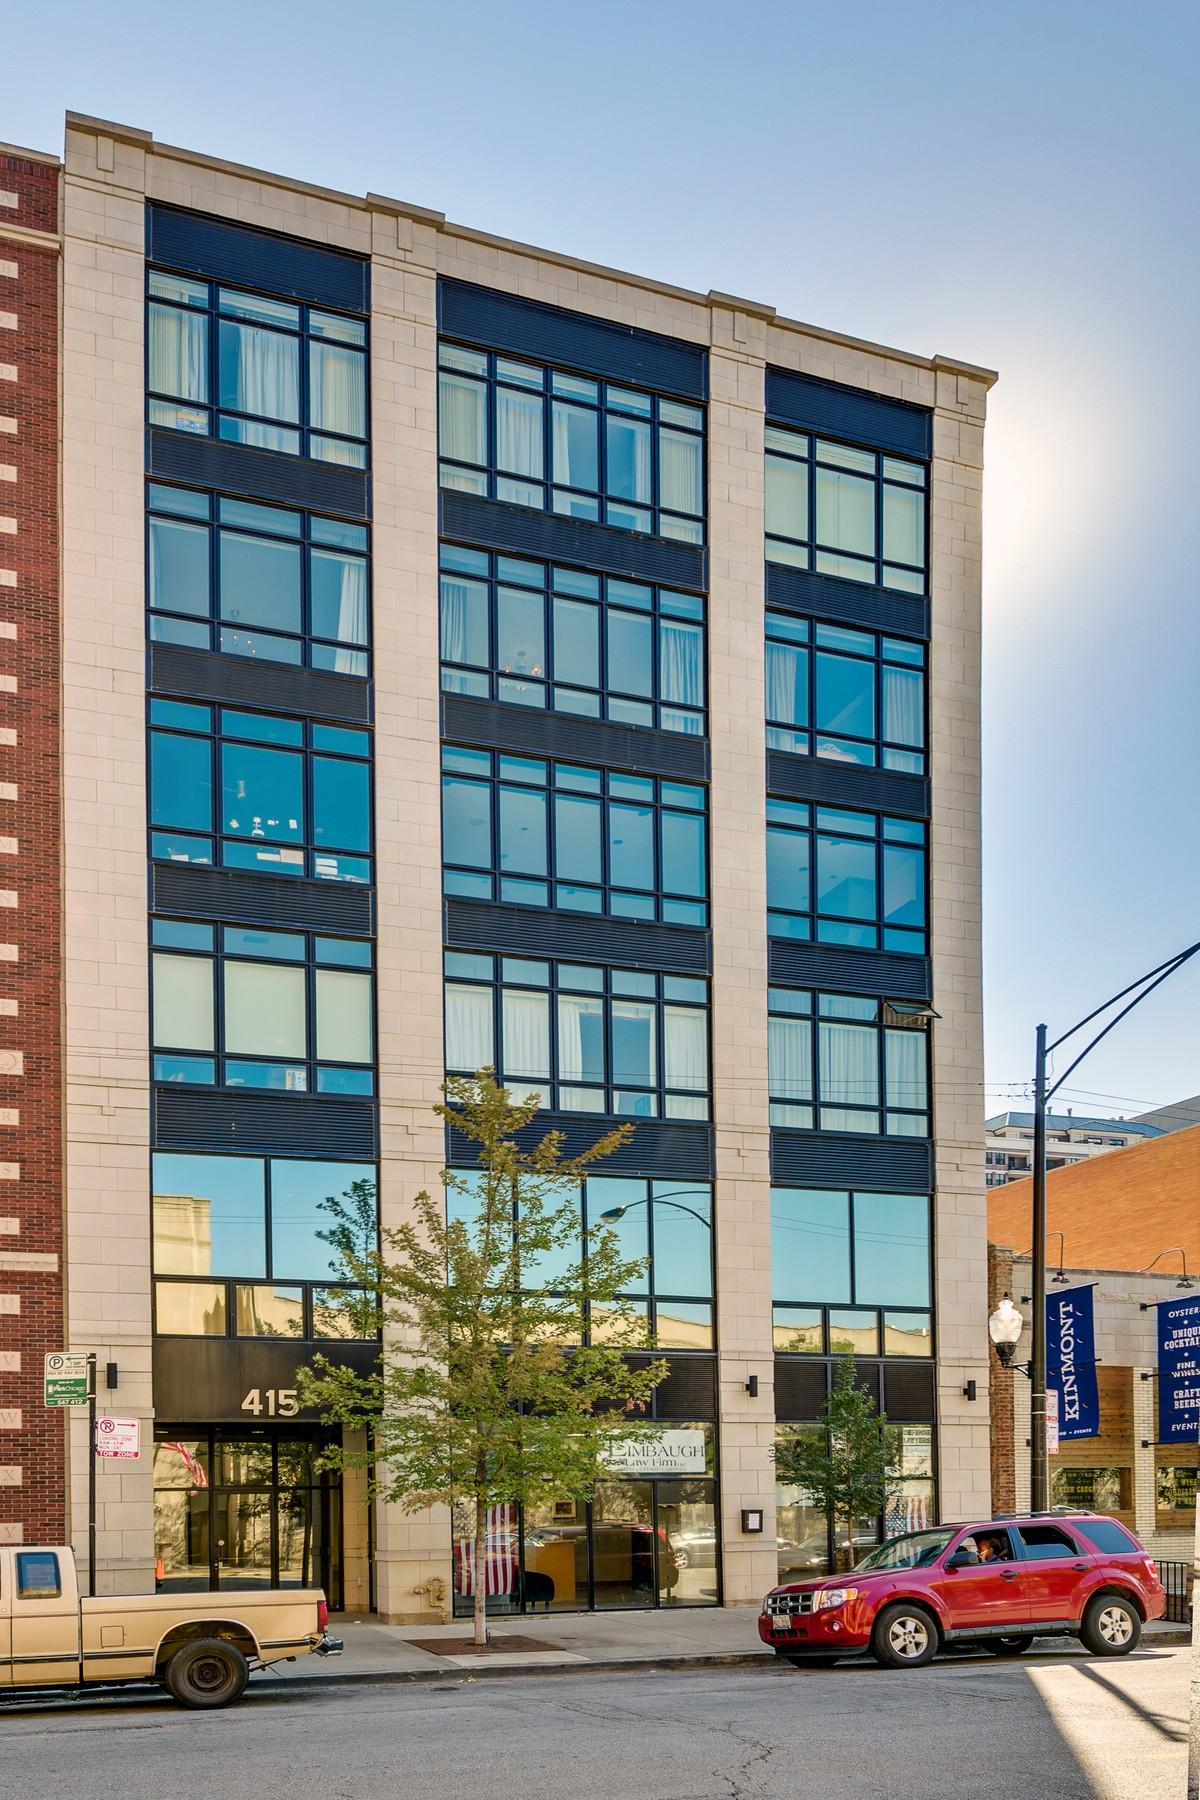 Кооперативная квартира для того Продажа на River North's Hidden Treasure! 415 W Superior Street Unit 500 Near North Side, Chicago, Иллинойс 60654 Соединенные Штаты